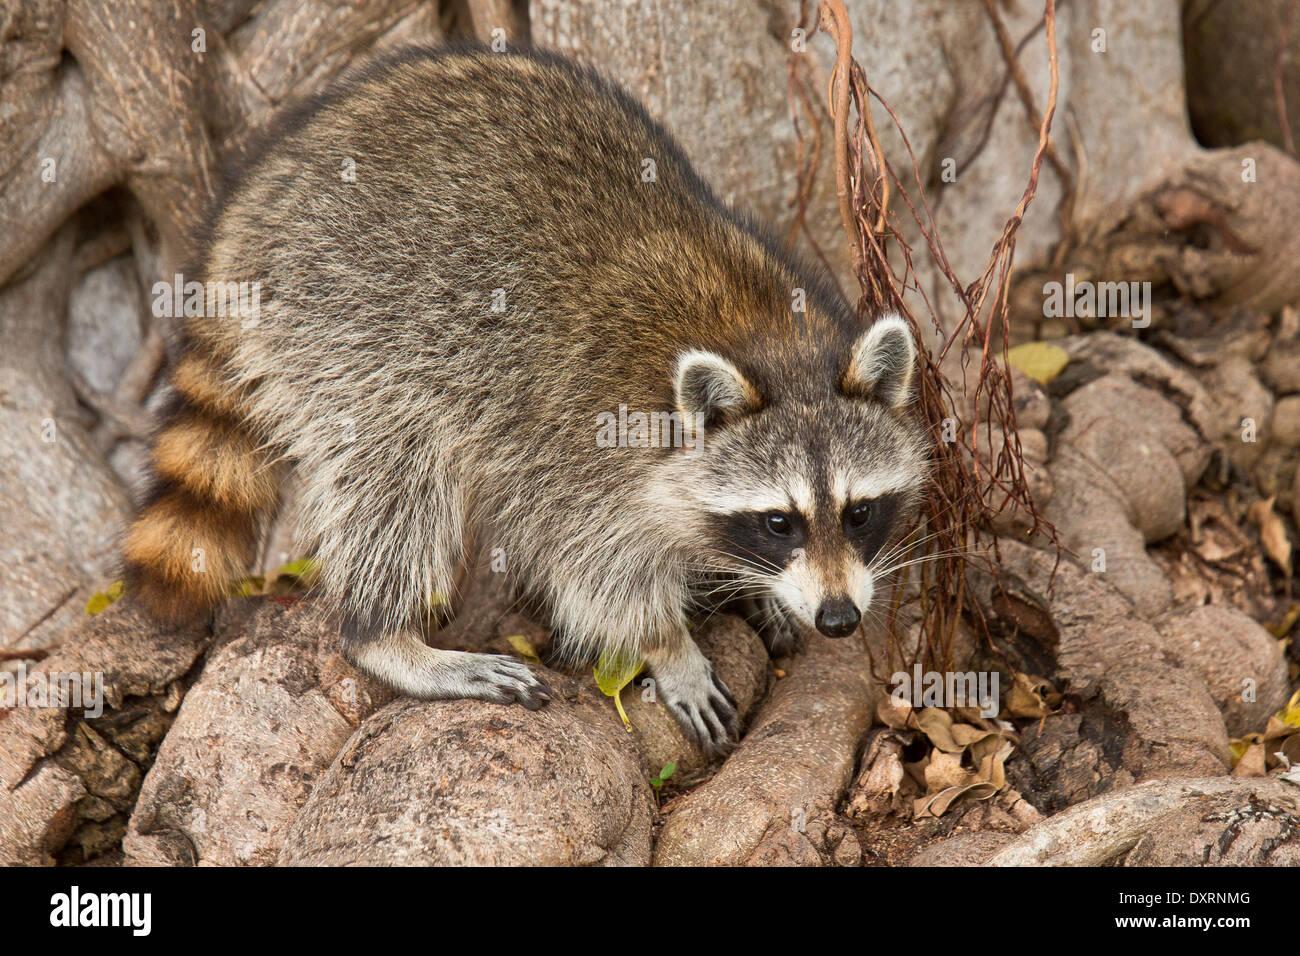 Le Raton laveur raton laveur Procyon lotor, ou la recherche de nourriture chez les racines de l'arbre; Everglades, en Floride. Photo Stock